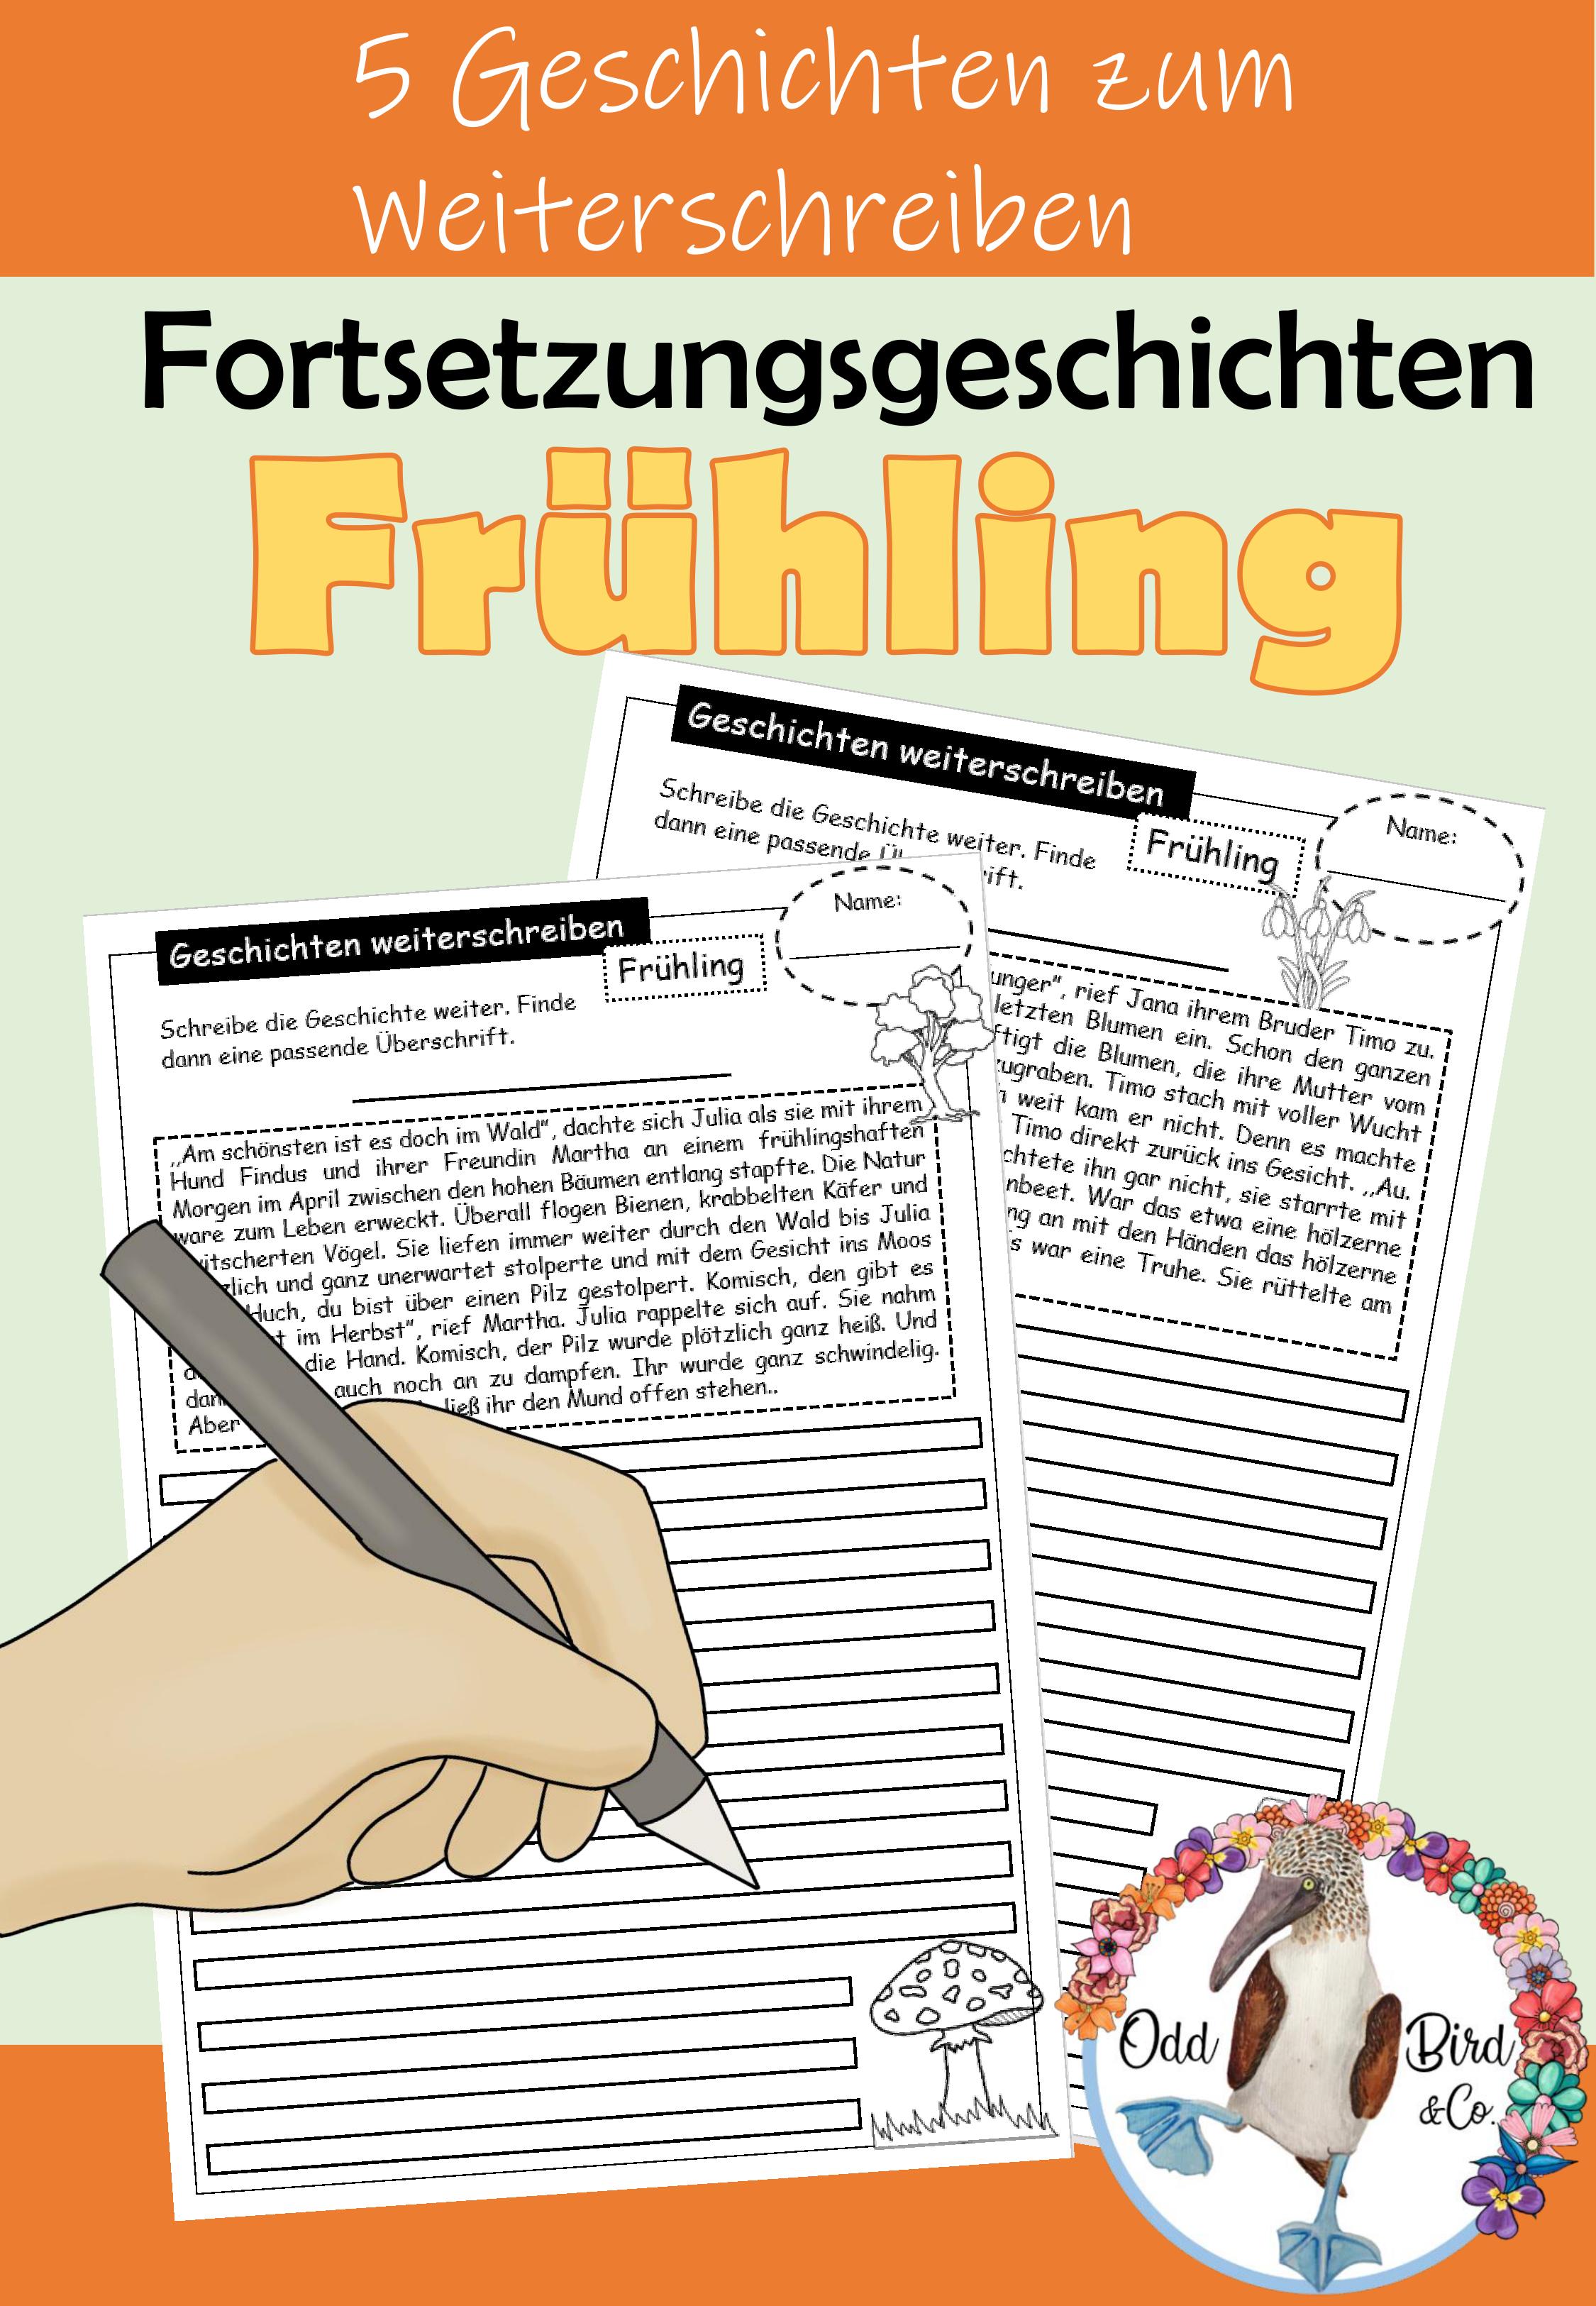 Fruhling Geschichten Weiterschreiben Fortsetzungsgeschichten Schreiben Kreatives Und Freies Schreiben Im Deutschunterricht Unterrichtsmaterial In Den F In 2020 Deutsch Unterricht Geschichten Daf